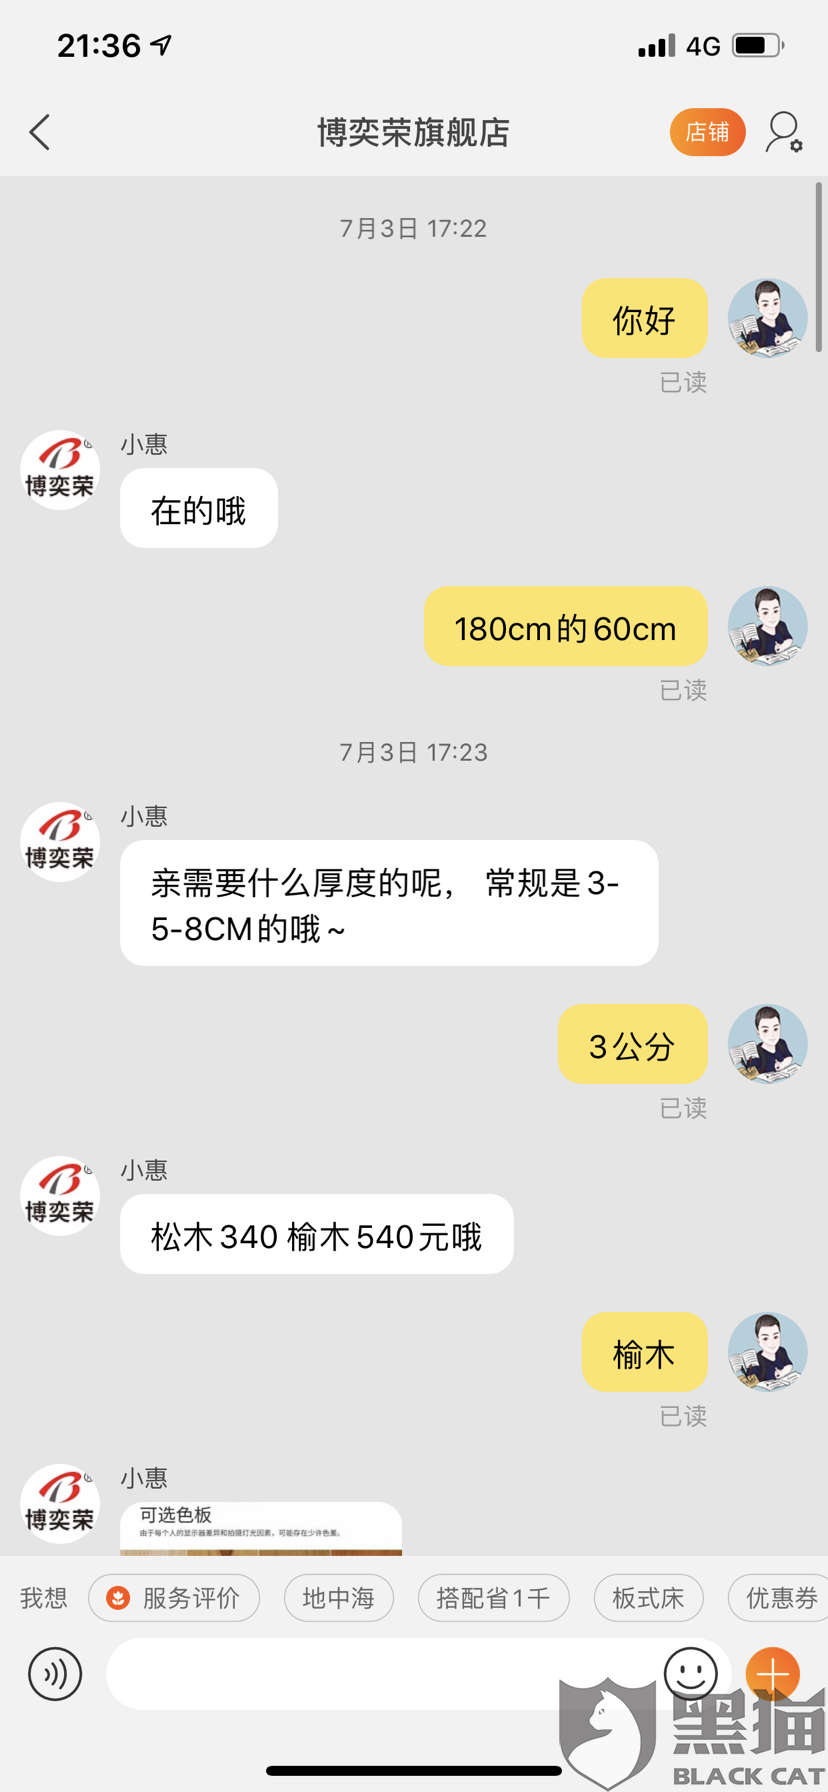 黑猫投诉:天猫博奕荣旗舰店兜售假货,公开宣传虚假信息,欺骗消费者,情节严重!